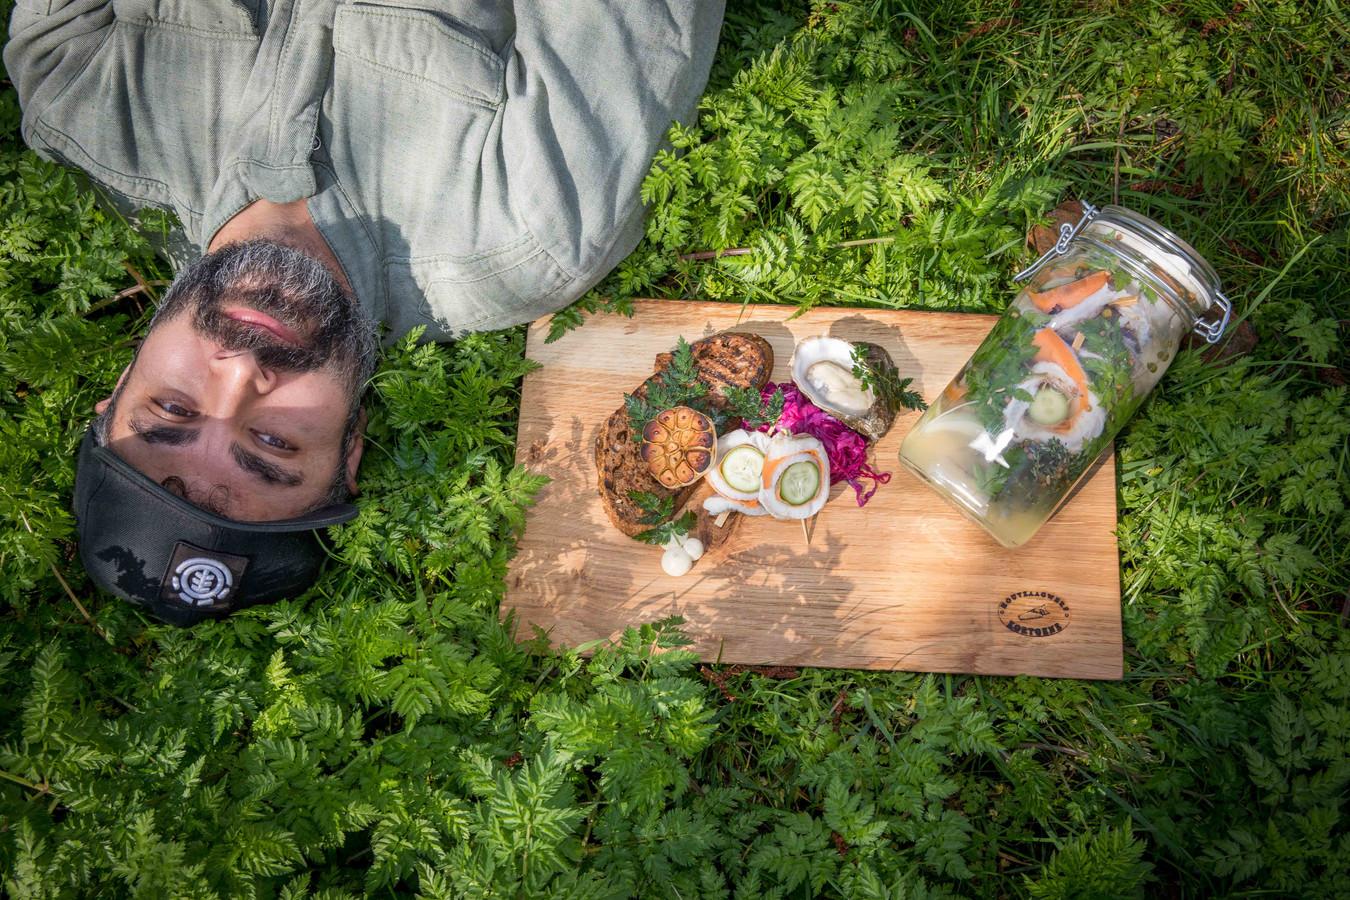 Kok Marc Vos slaat steil achterover van het resultaat: rolmops van wijting met rodekool slaw, gegrild brood en oestermayonaise.